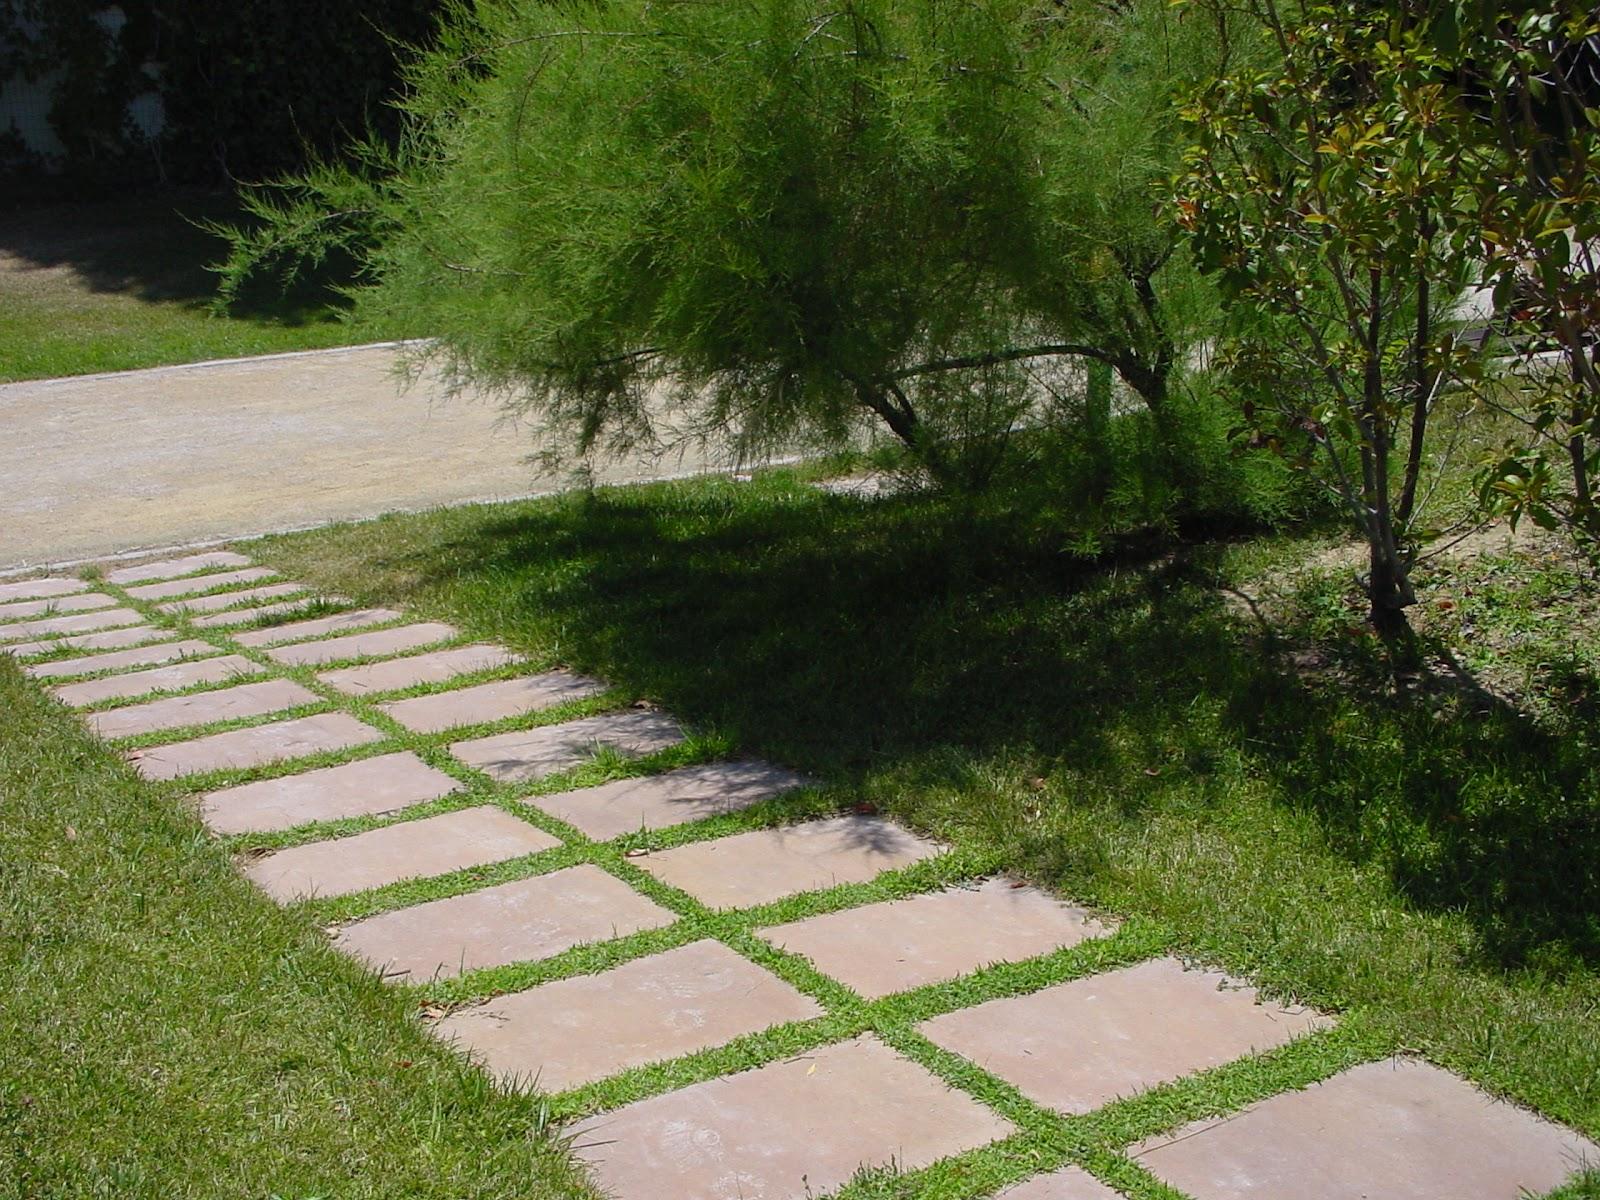 Jardineria eladio nonay jardiner a eladio nonay senderos for Baldosas para jardin